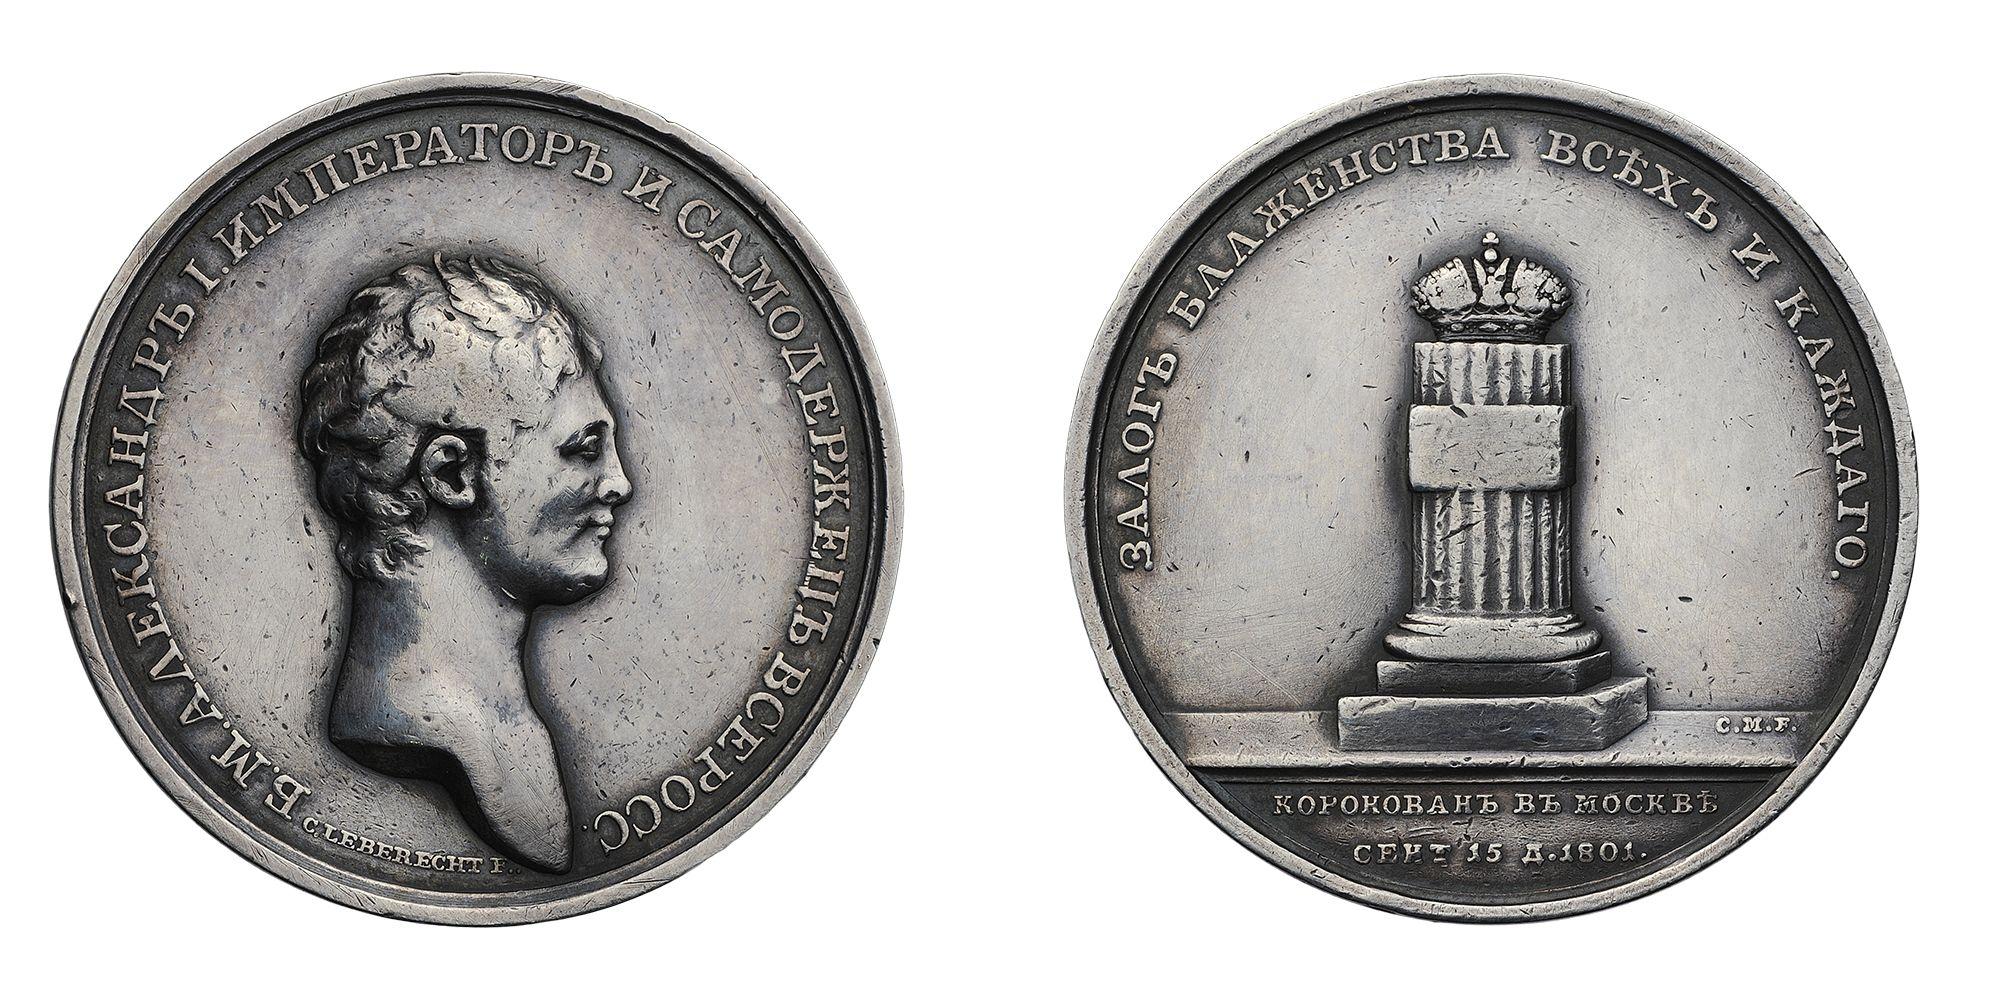 Наградная медаль «В память коронации Императора Александра I. 15 сентября 1801 г.»